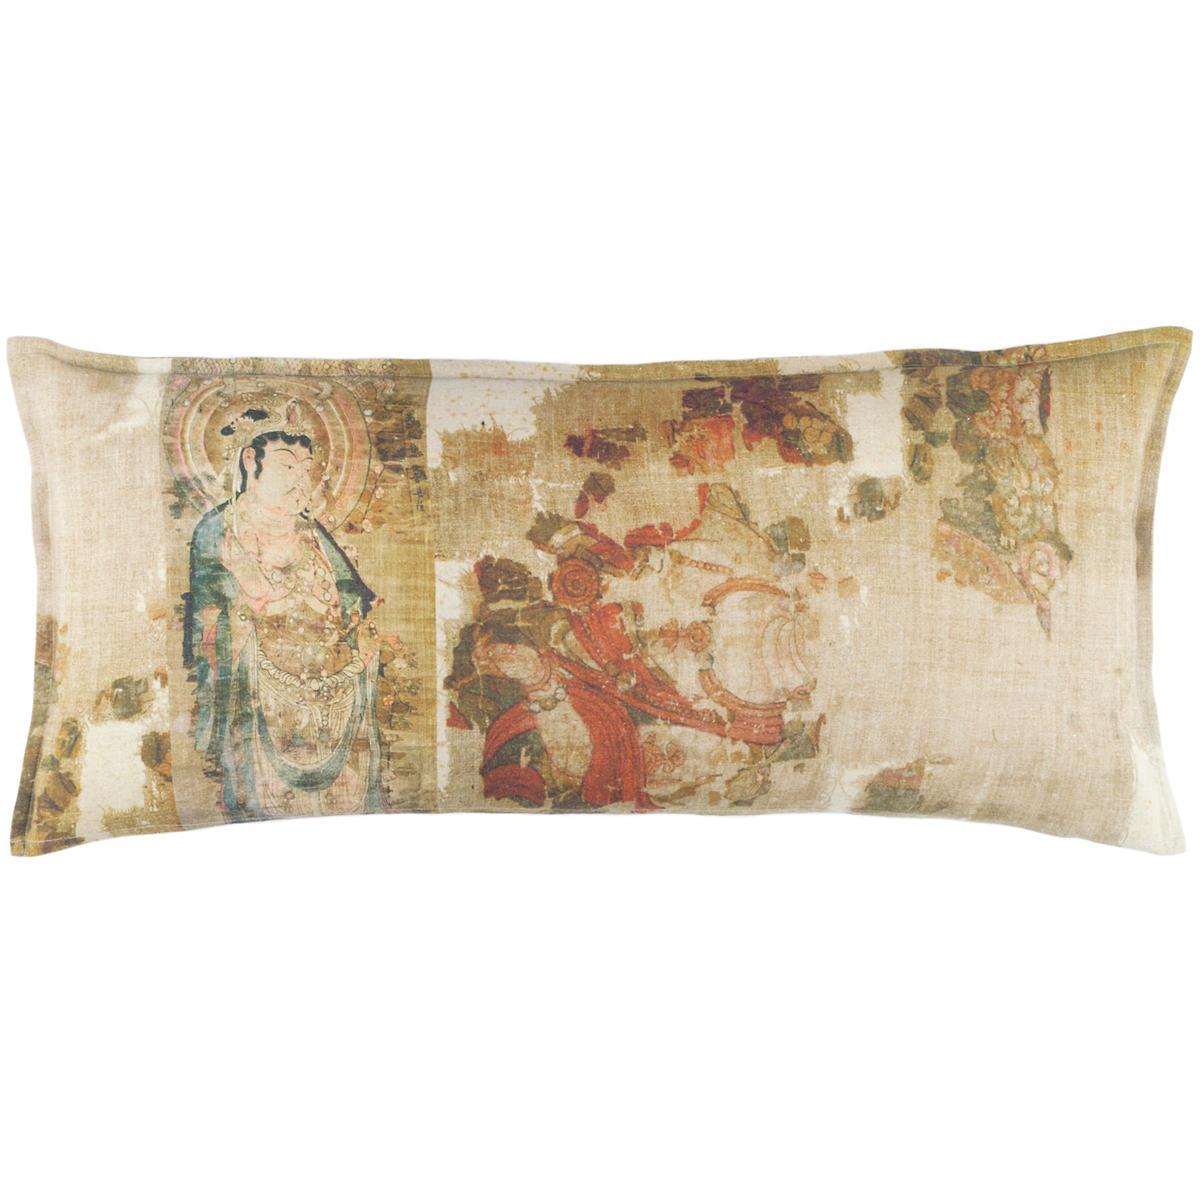 Nepal Linen Decorative Pillow